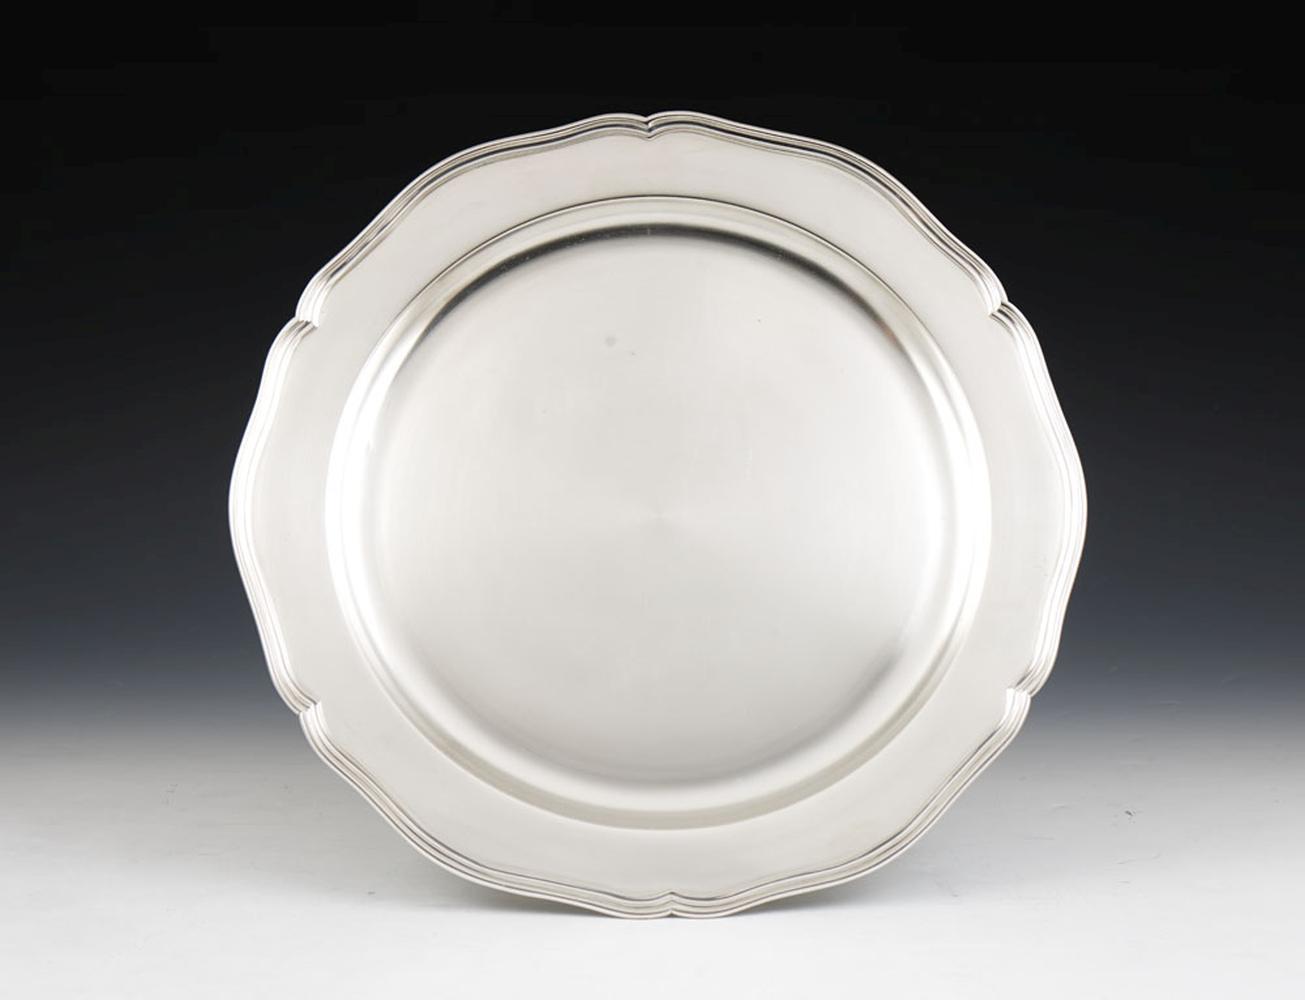 Grande prato de servir em prata 800%, P. 1388g.